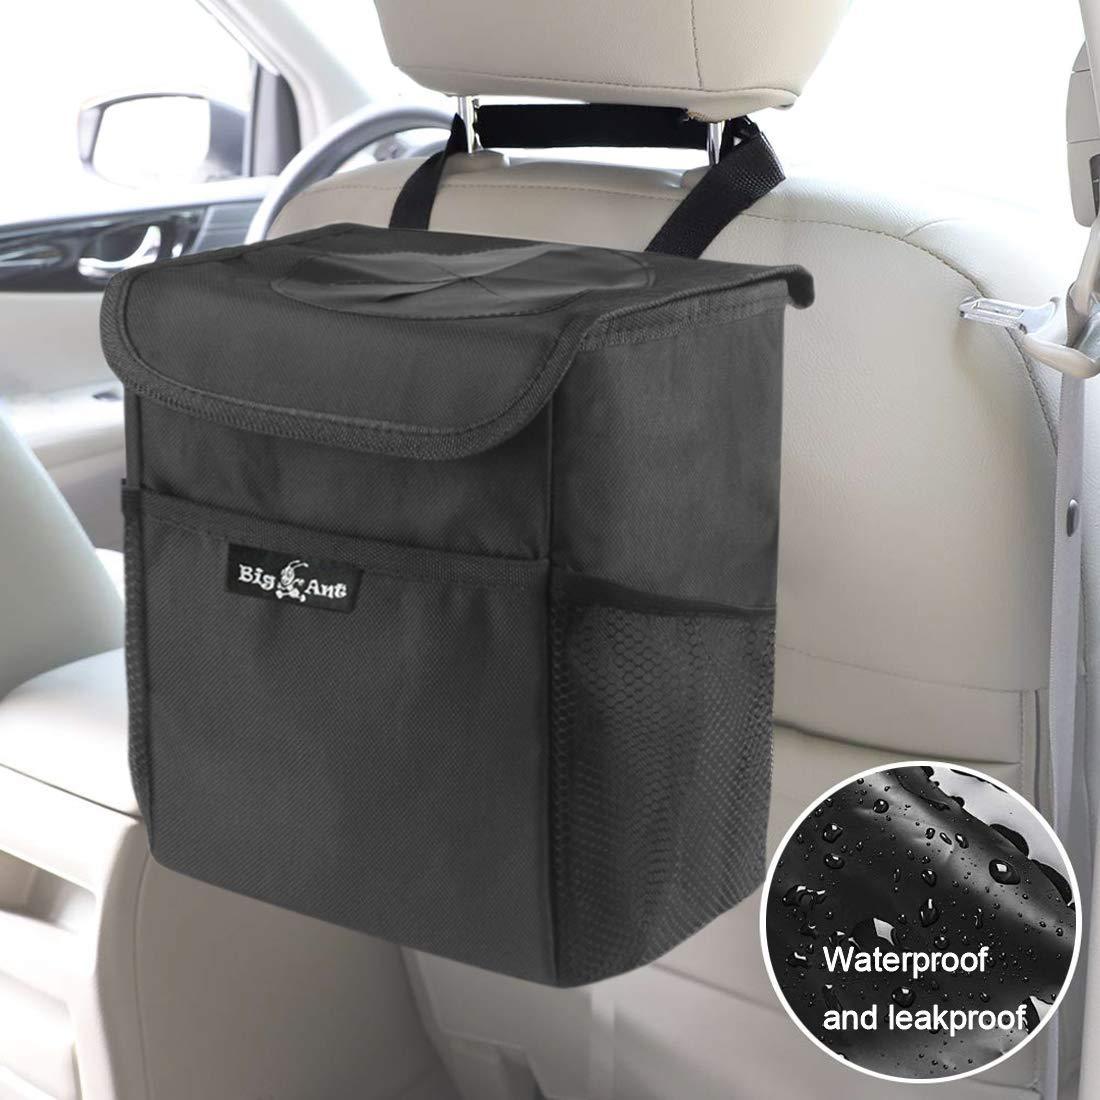 Samoleus Auto M/ülleimer mit Deckel Zusammenfaltbare Organizer Abfall-Tasche Wasserdicht Auslaufsicher Abfalltasche Auto